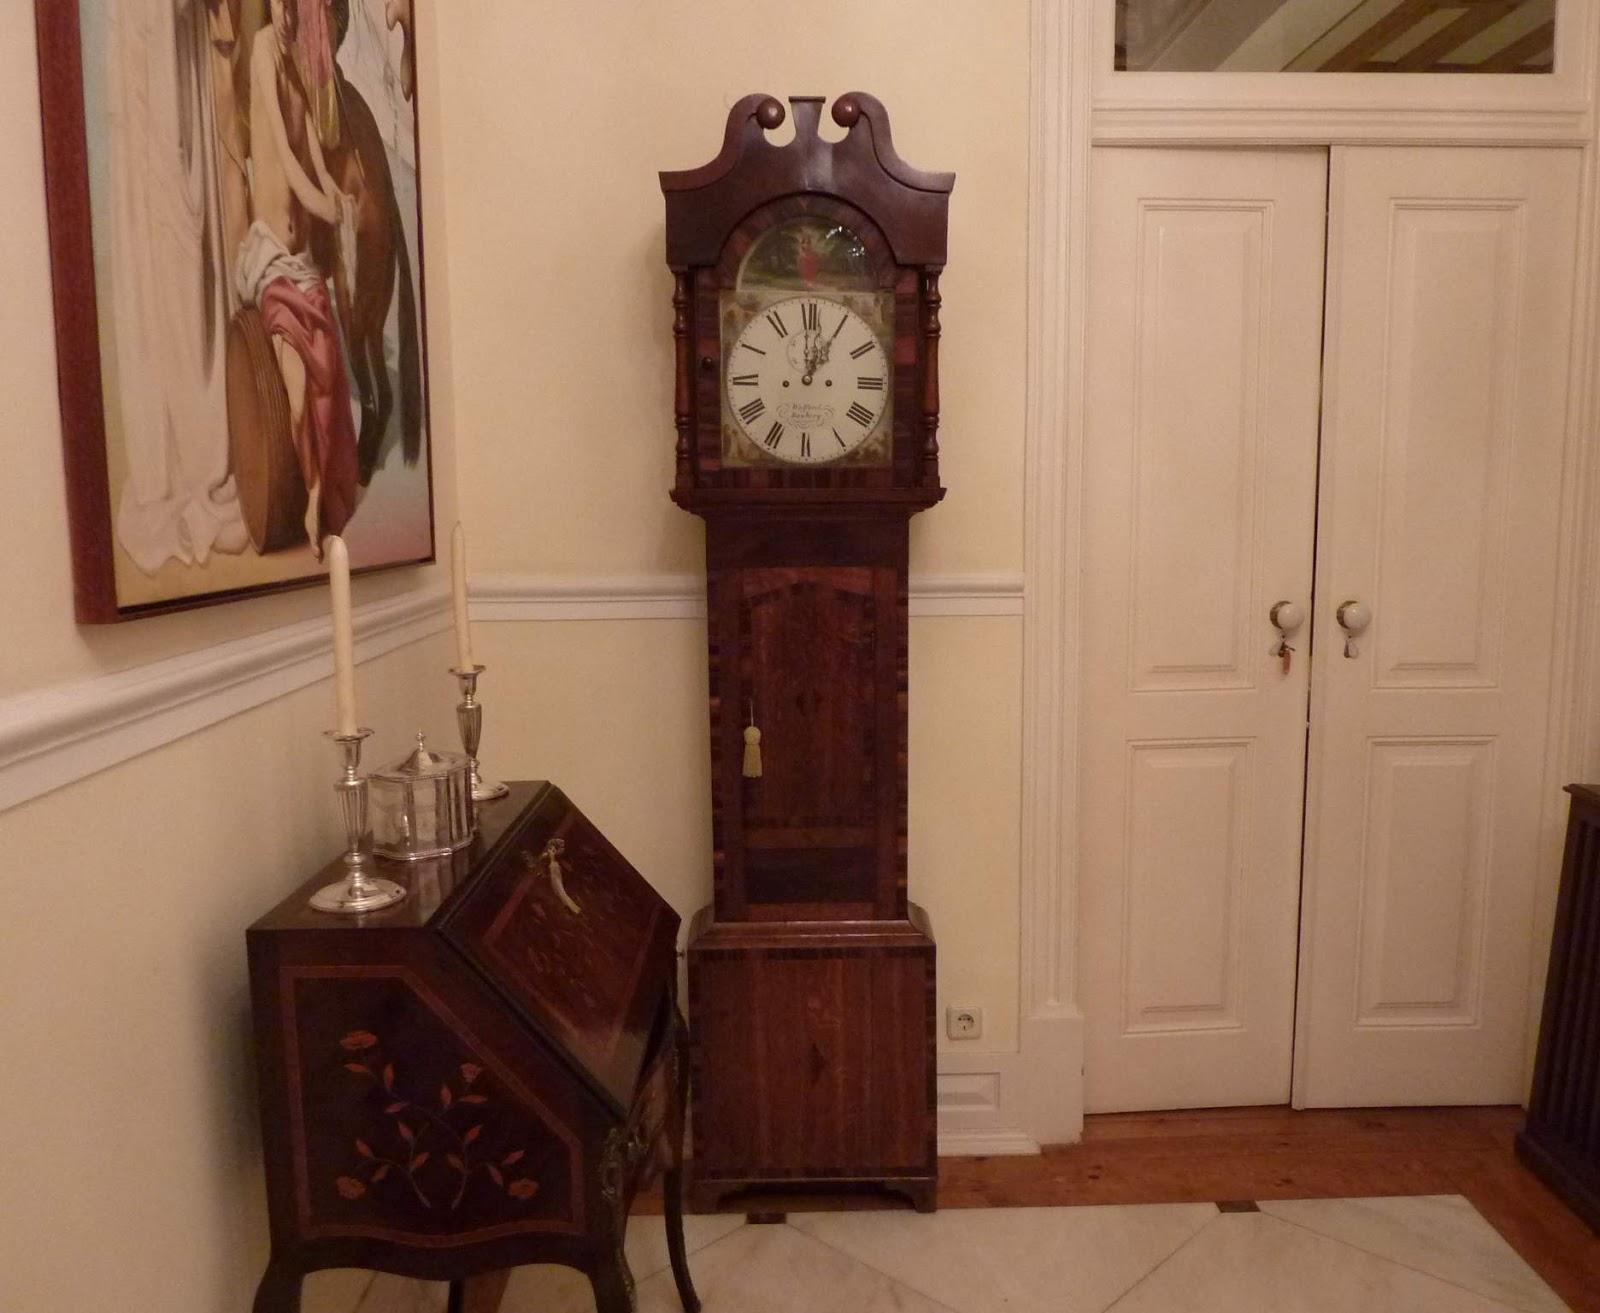 45694ca32c5 Restauro Reparação Relógios Antigos Lisboa  Relógio caixa alta Inglês